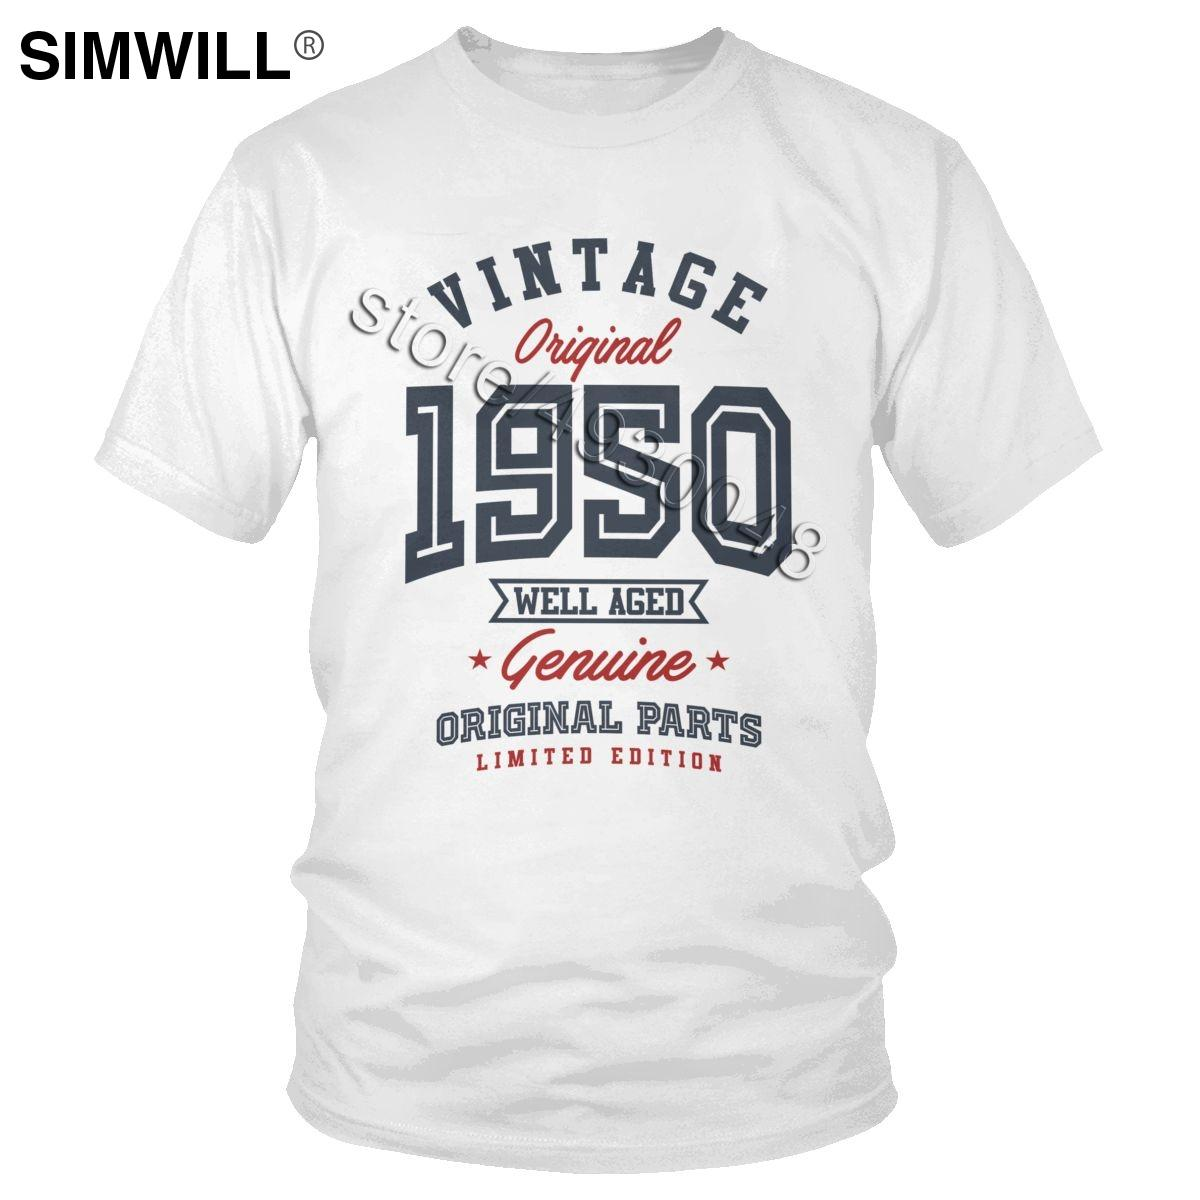 Uomo regalo per classe 1950 maniche corte T-shirt unico Padre regalo di compleanno maglietta del cotone della maglietta di estate del marchio di abbigliamento Top